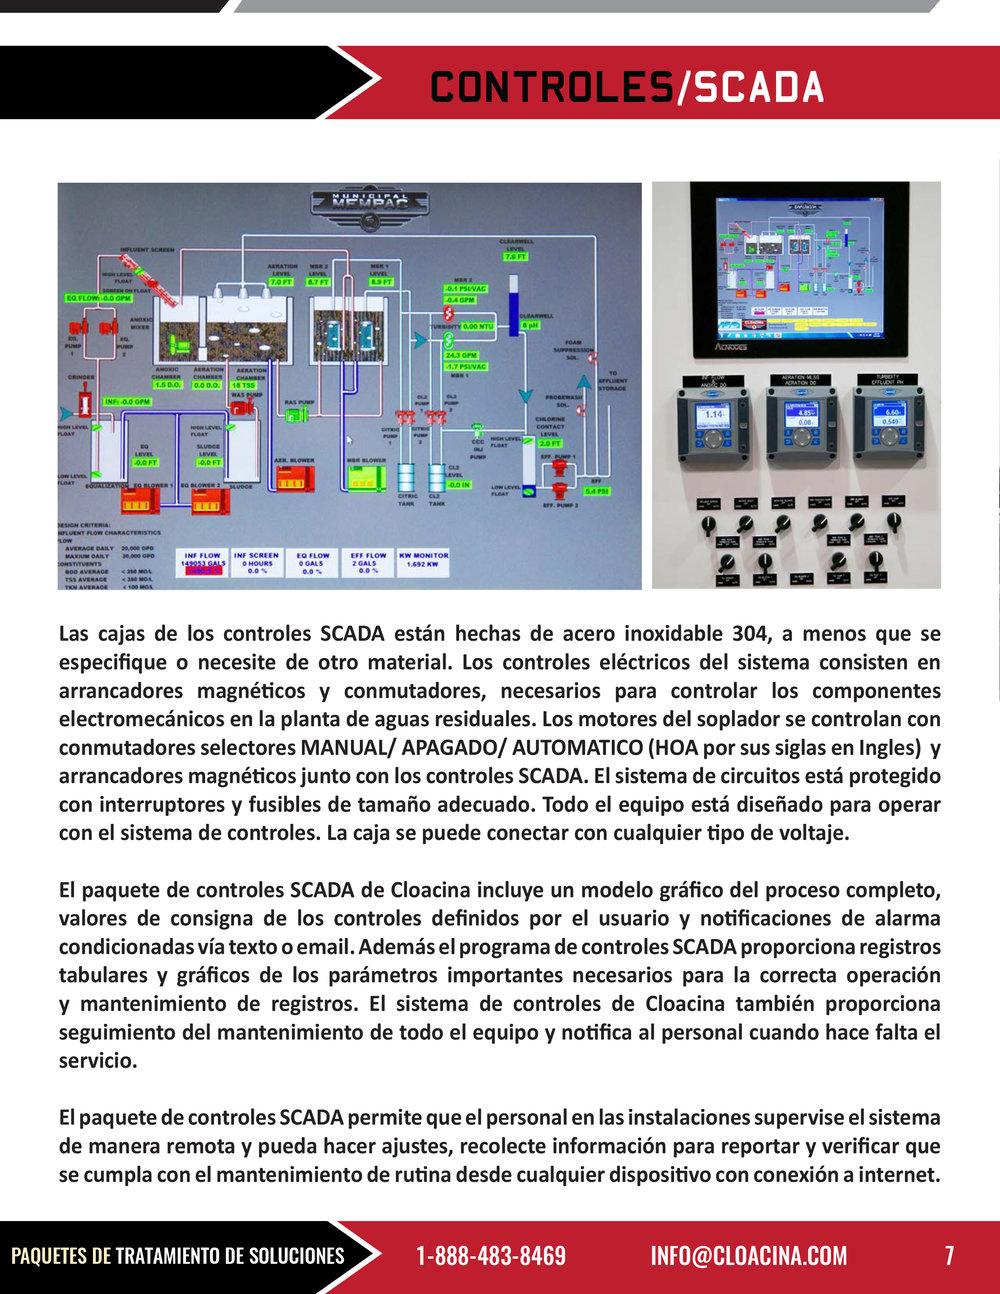 MEMPAC-M-SPANISH-8.jpg